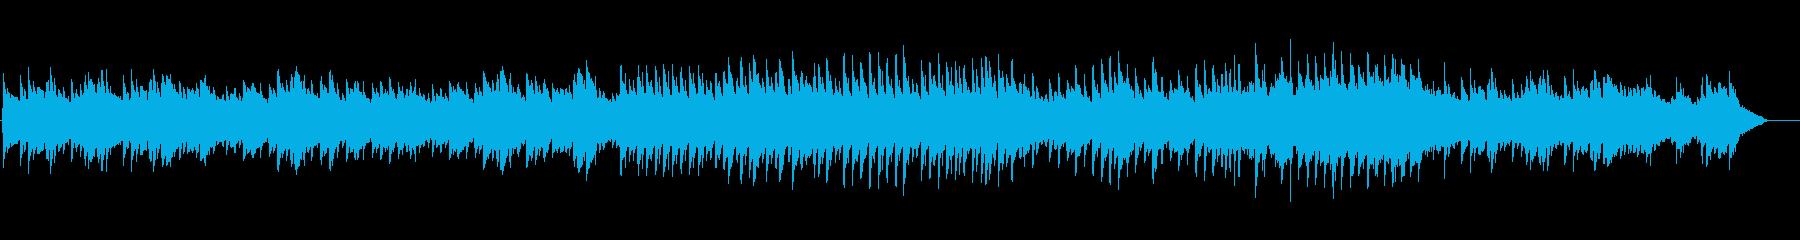 感傷的な三拍子のピアノオリジナル曲です。の再生済みの波形